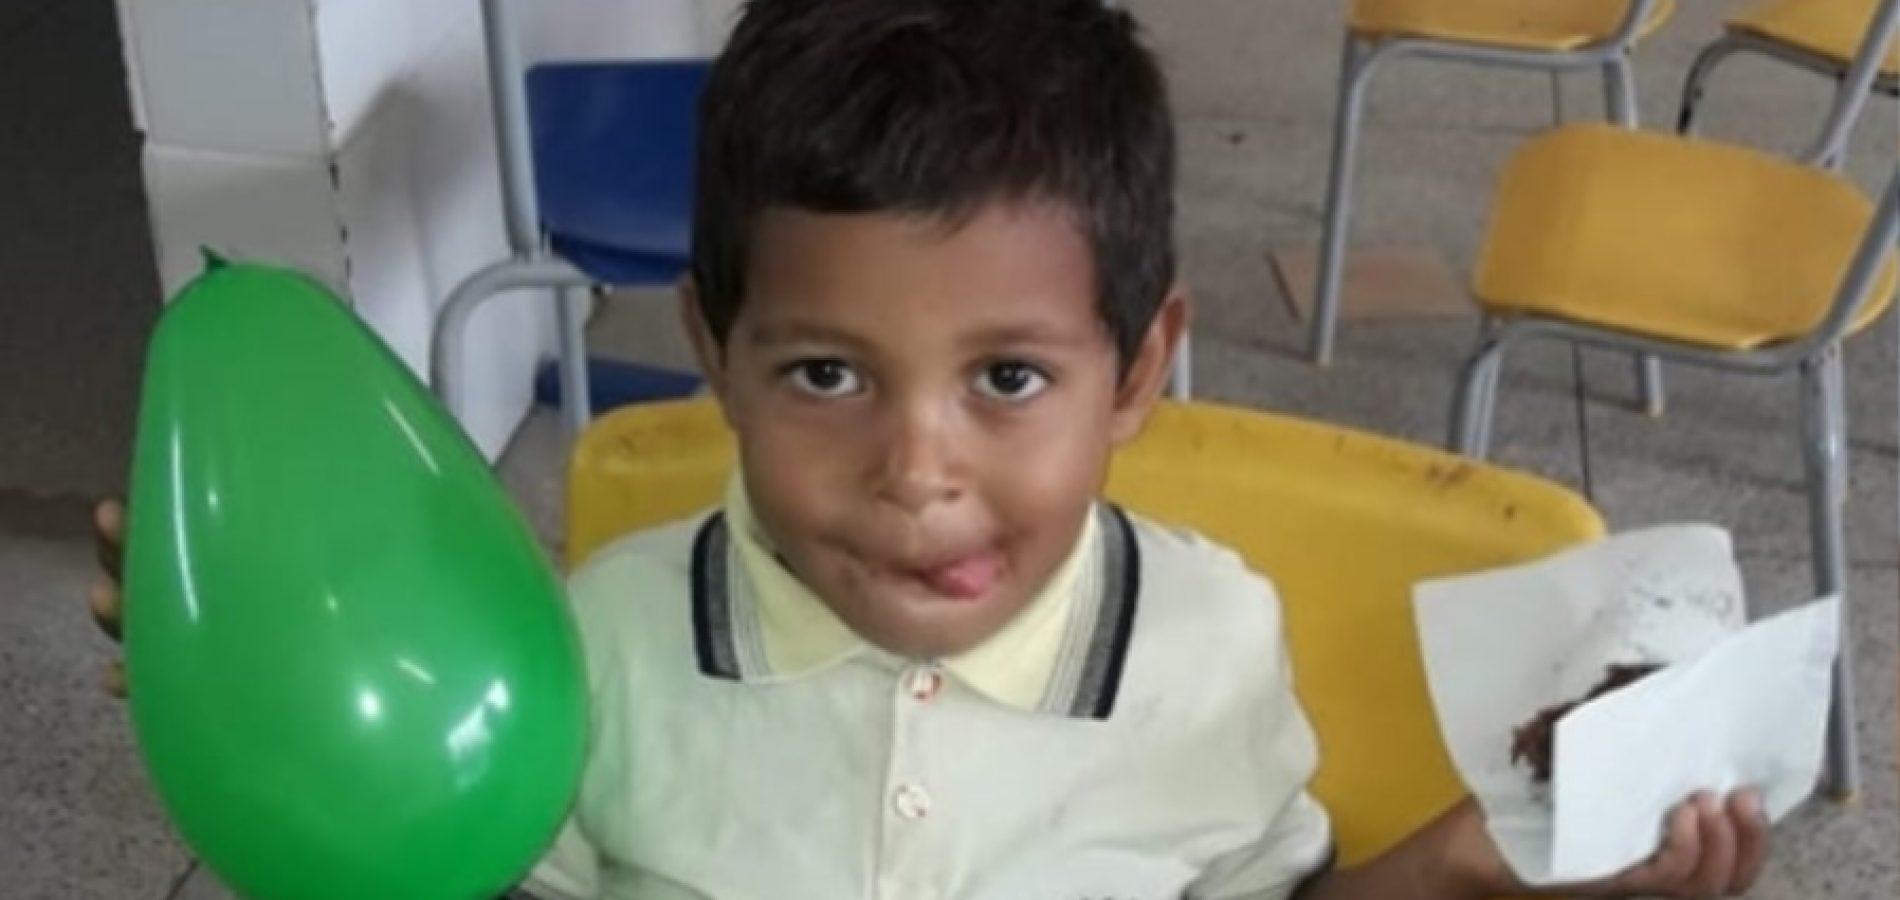 Polícia Militar prende e suspeito confessa assassinato de criança de 5 anos